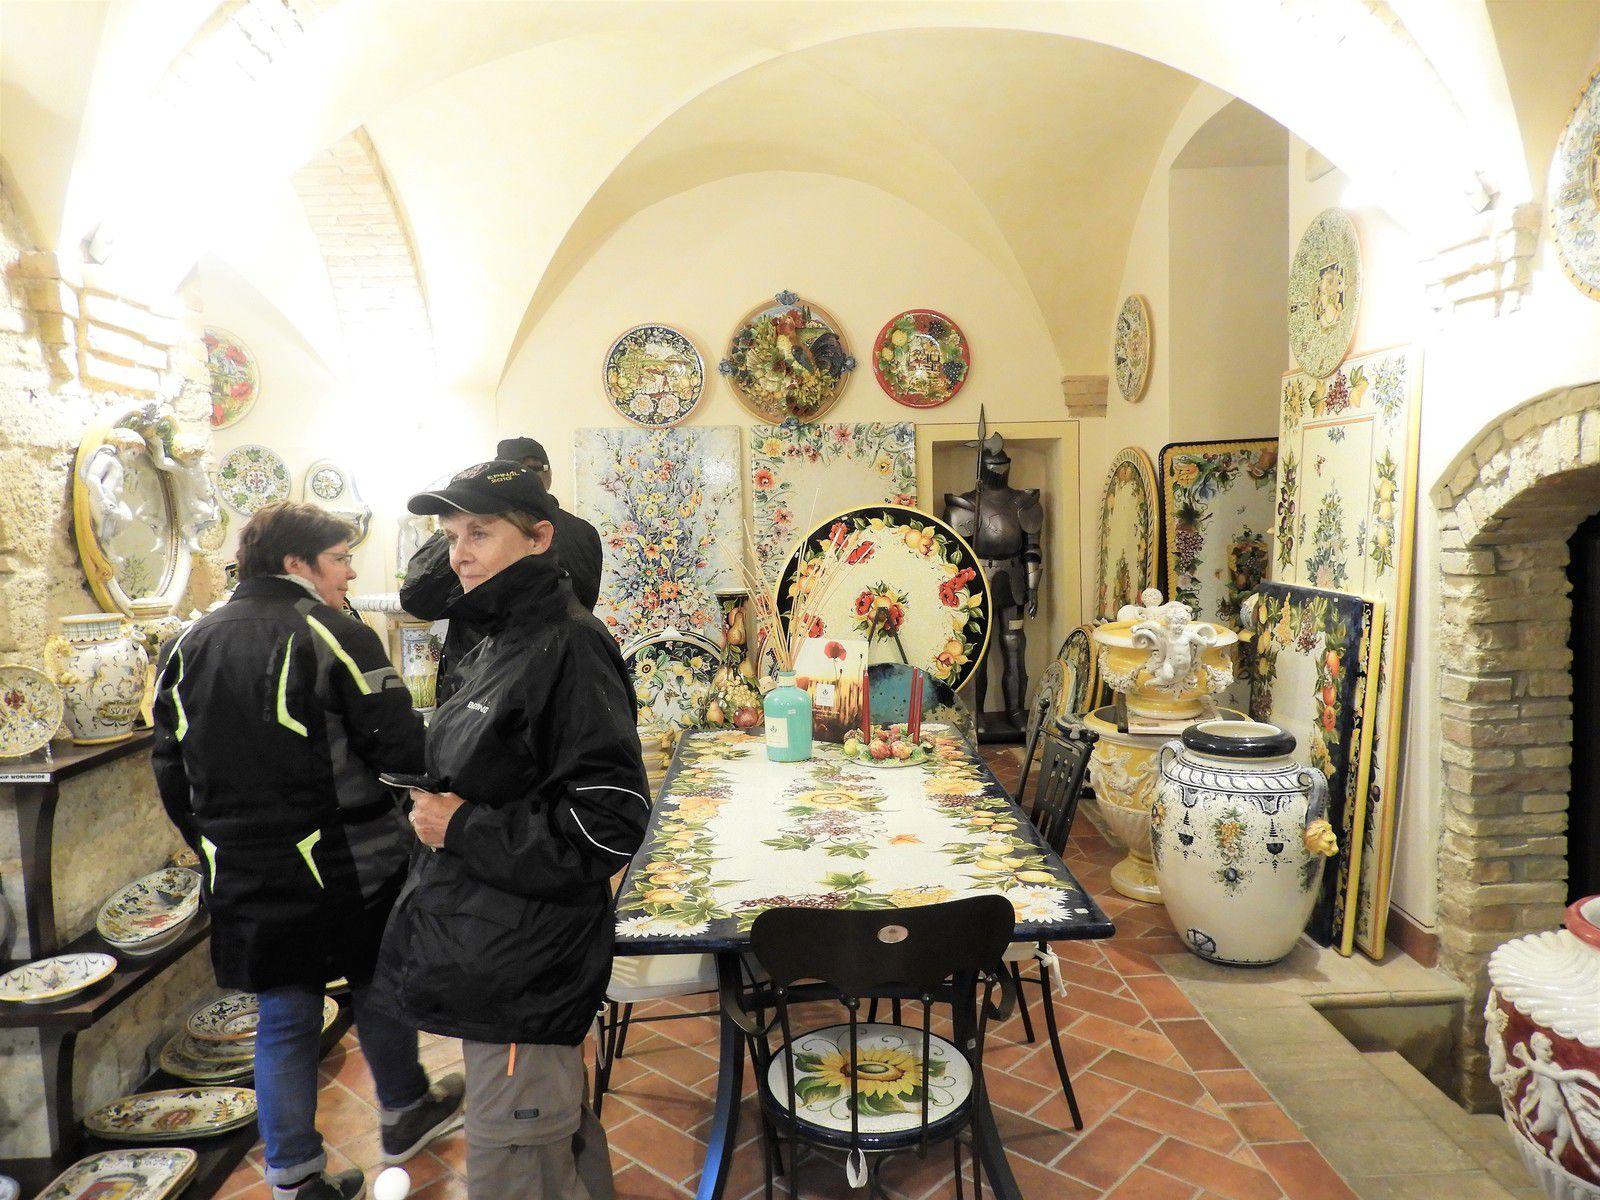 Goldwing Unsersbande - Périple Dolomites et Cinque terre : Pise et San Gimignano 10th day